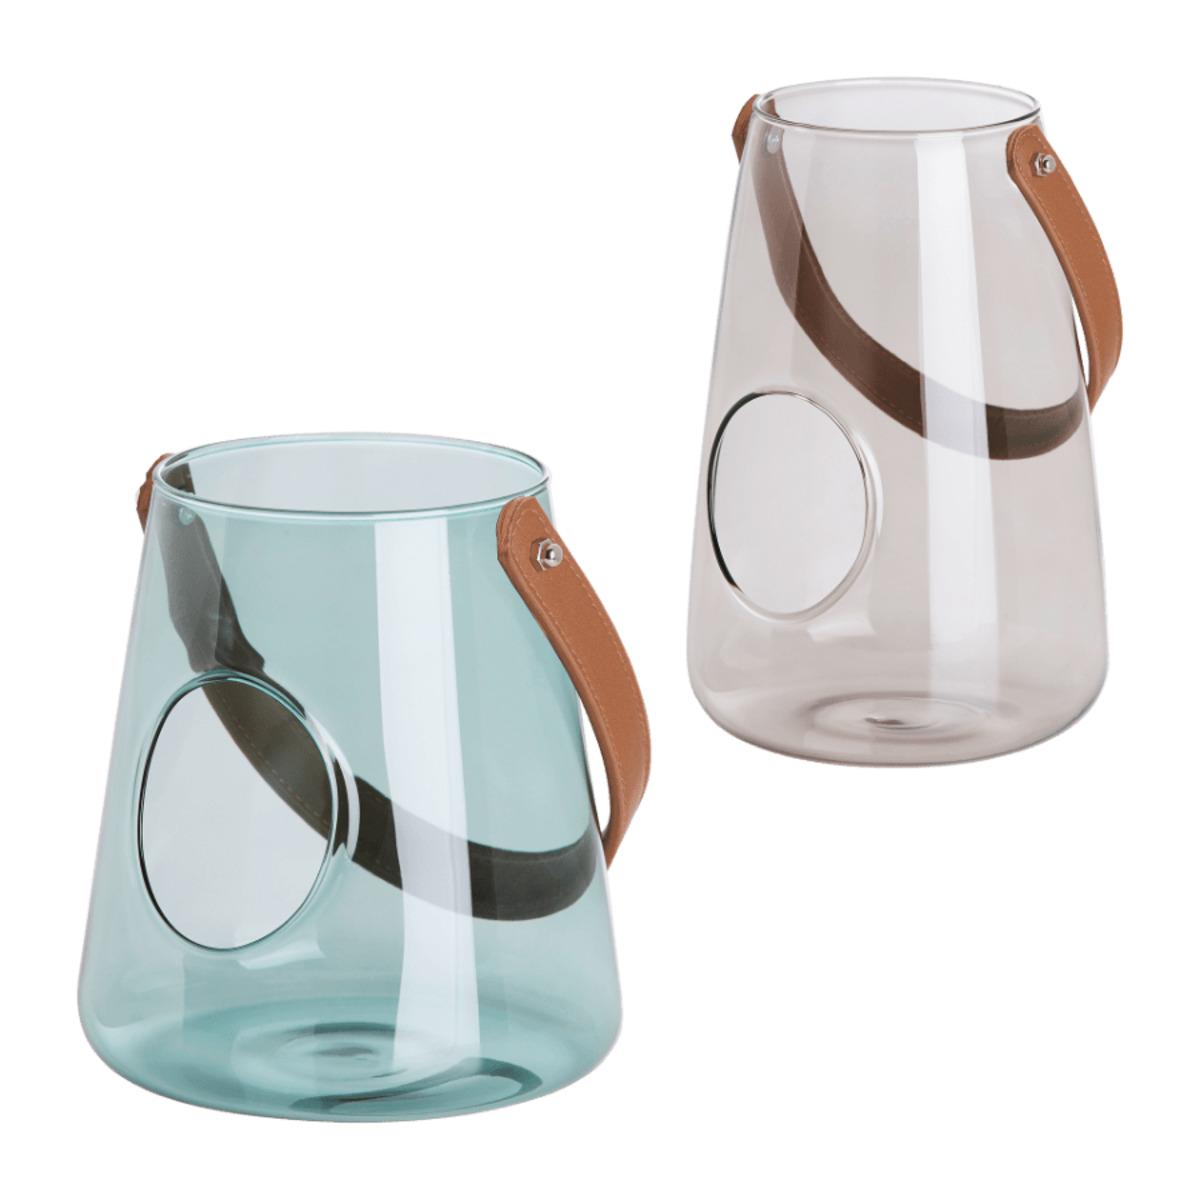 Bild 1 von LIVING ART     Glaswindlicht mit Henkel